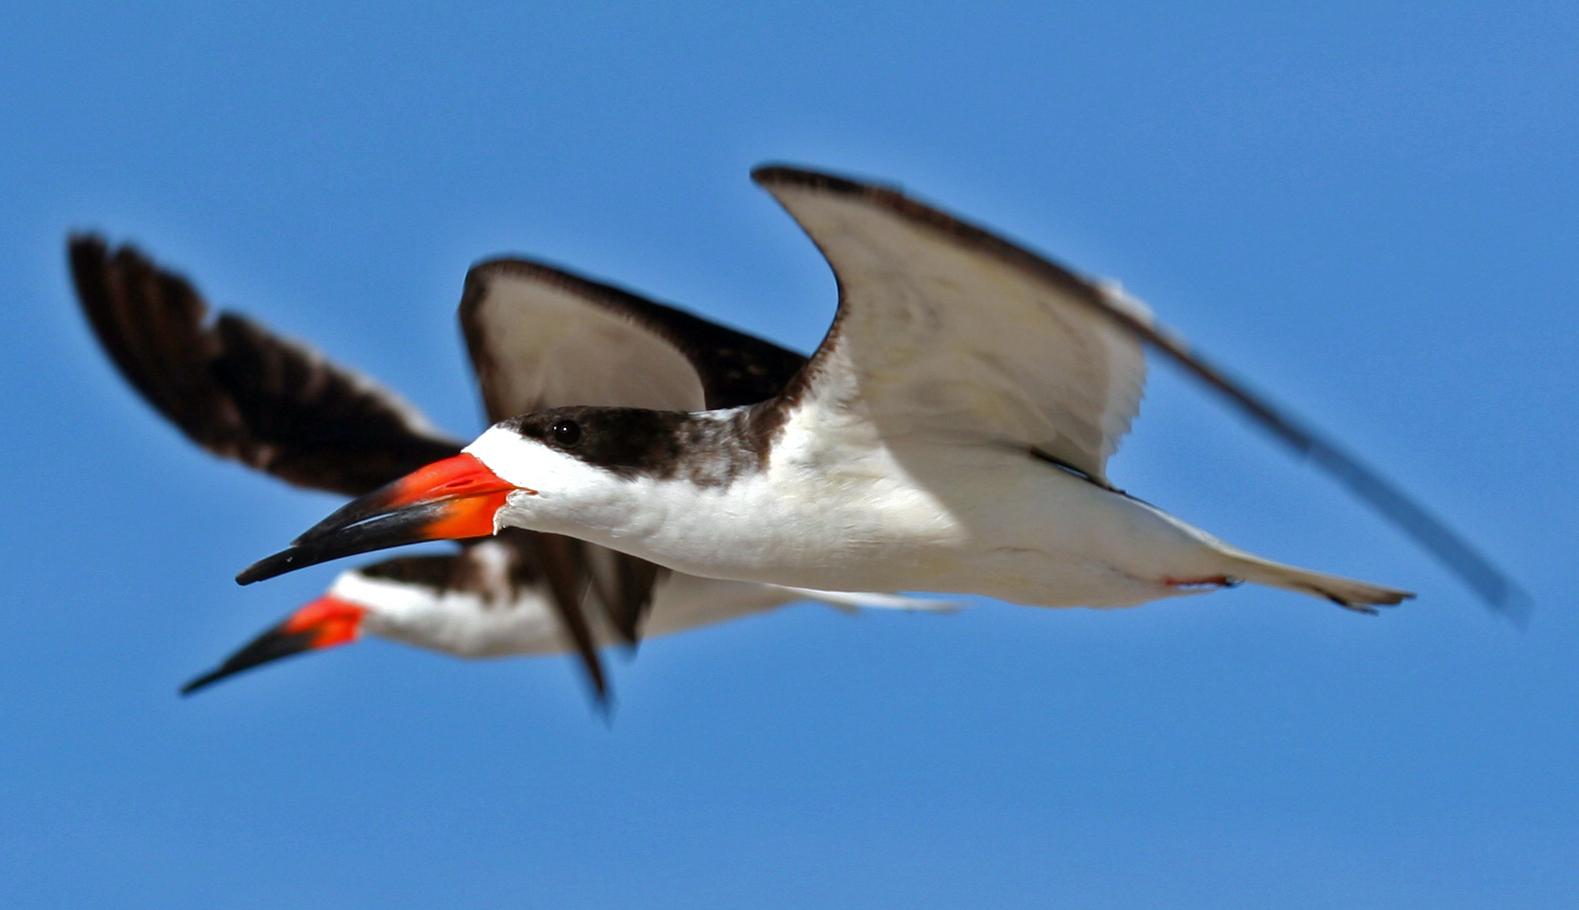 File:Black Skimmer Close Flying.jpg - Wikimedia Commons